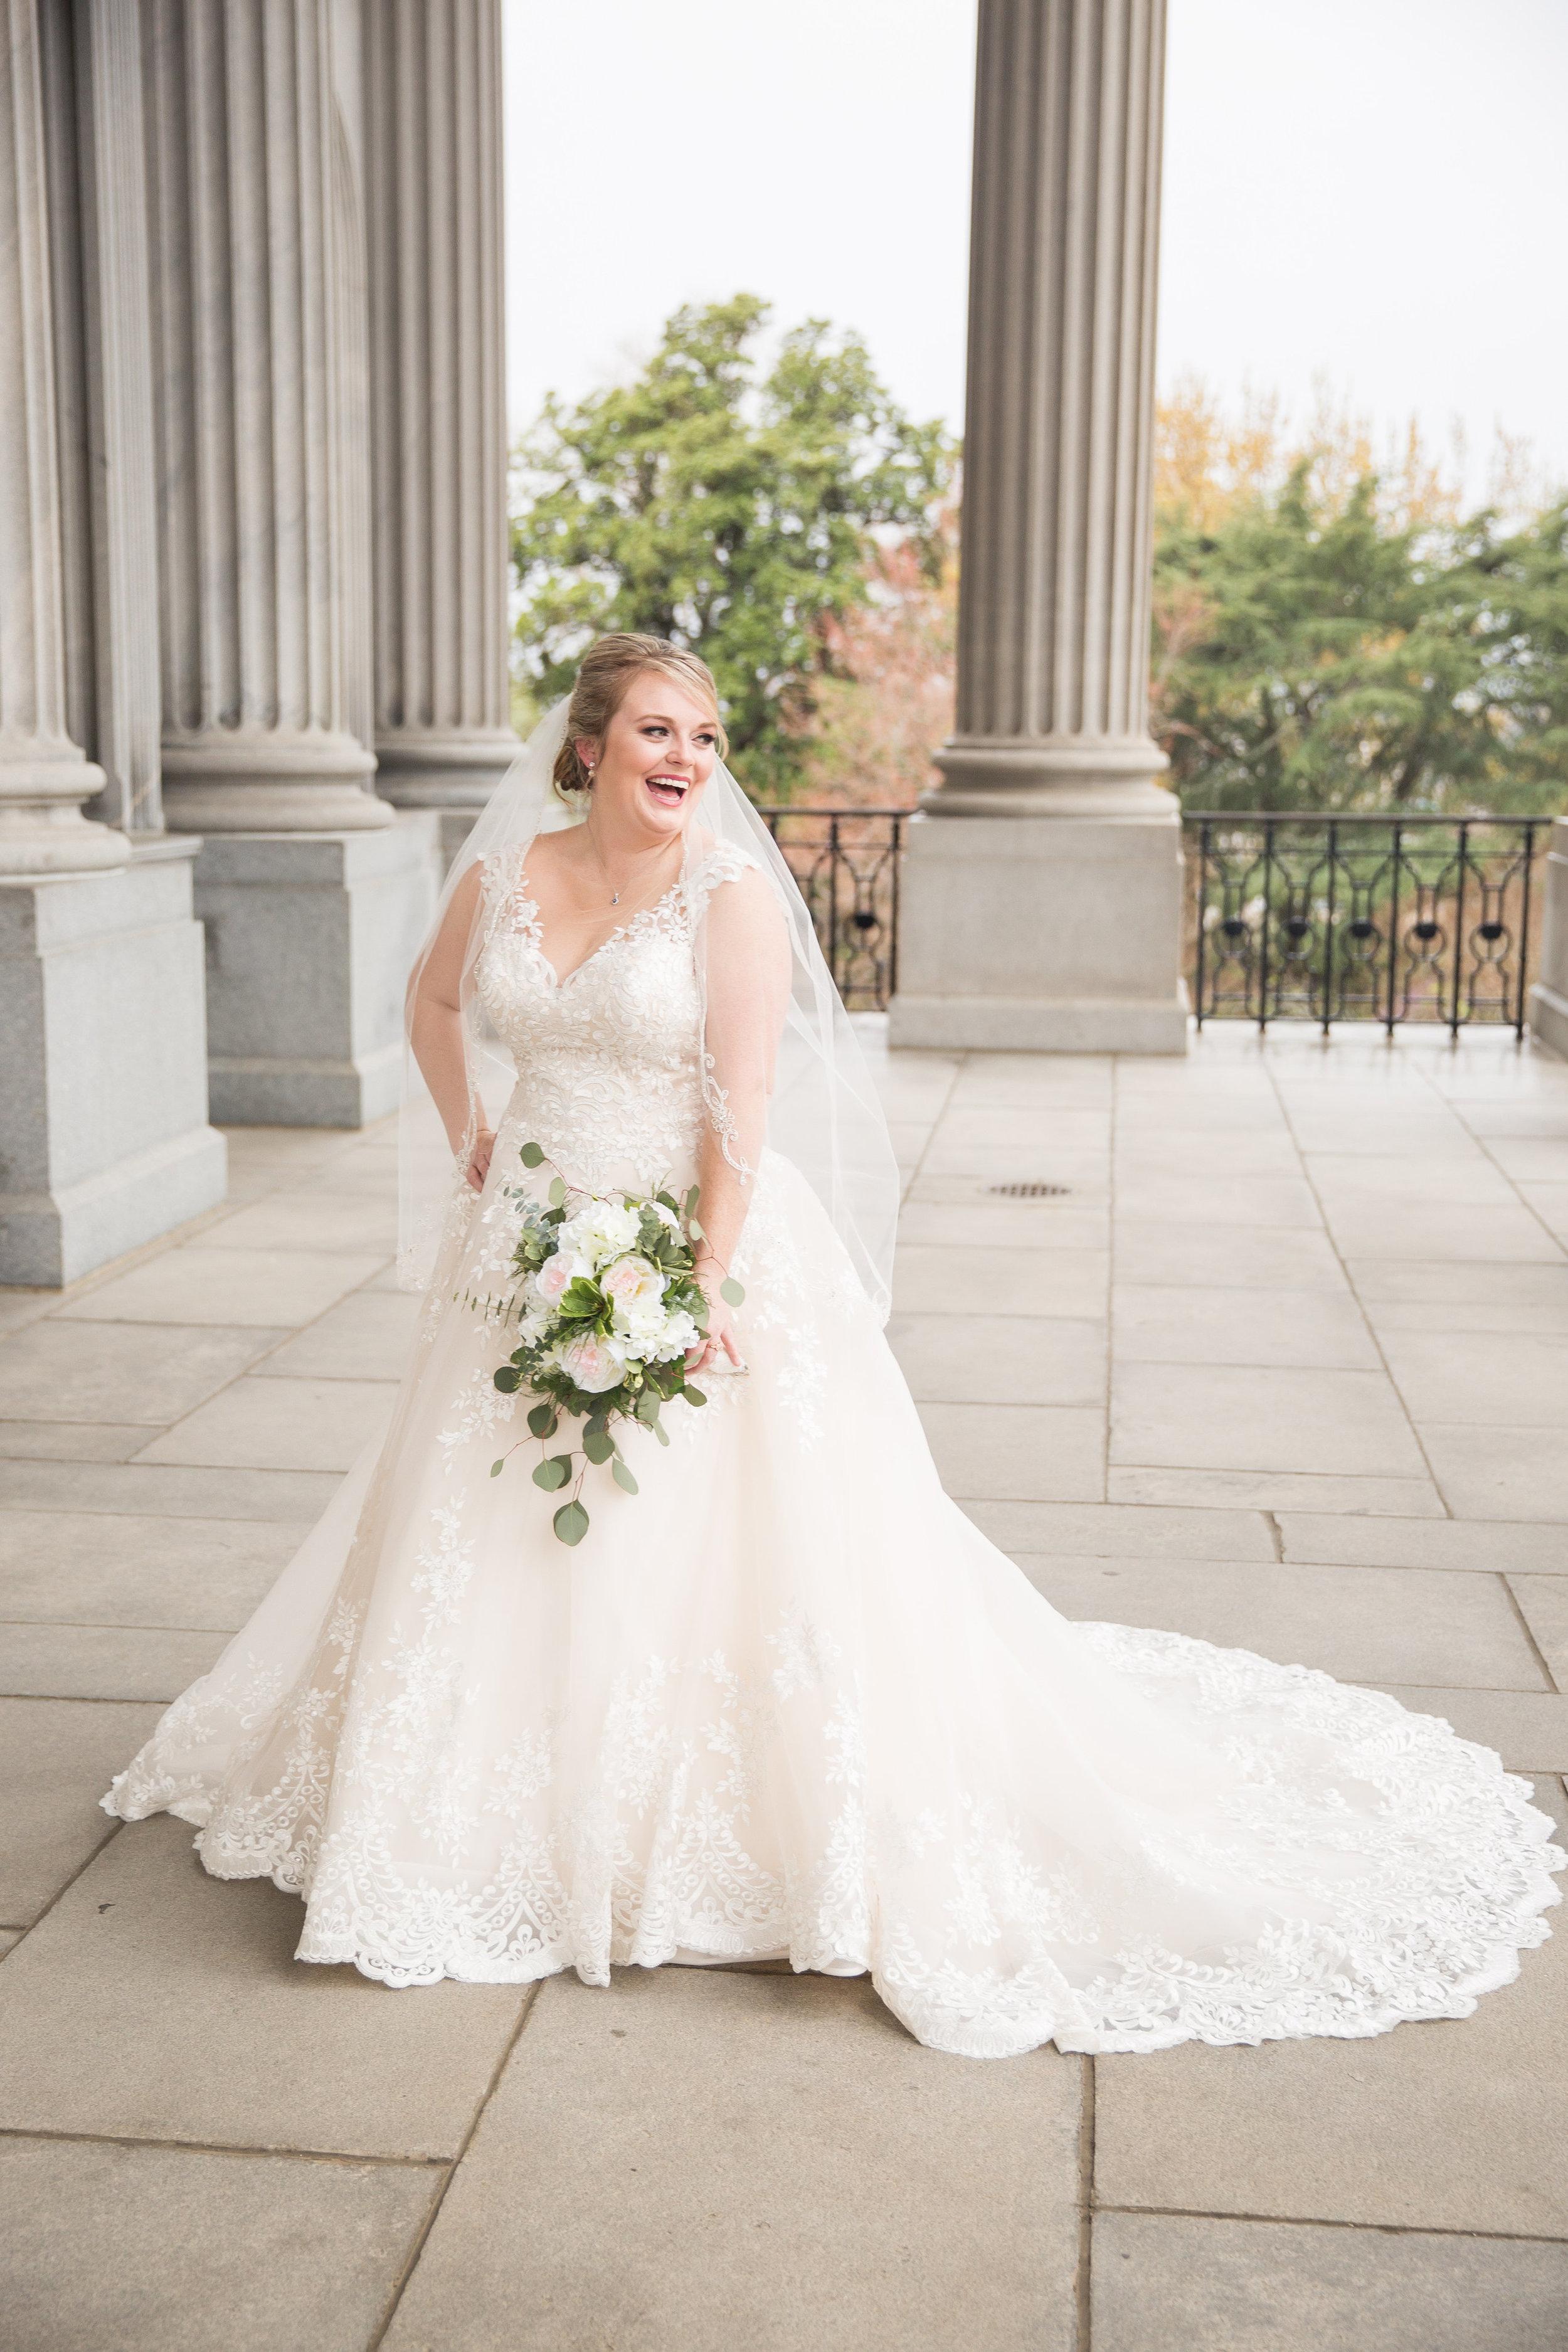 rebecca bridals-rebecca bridals-0096.jpg